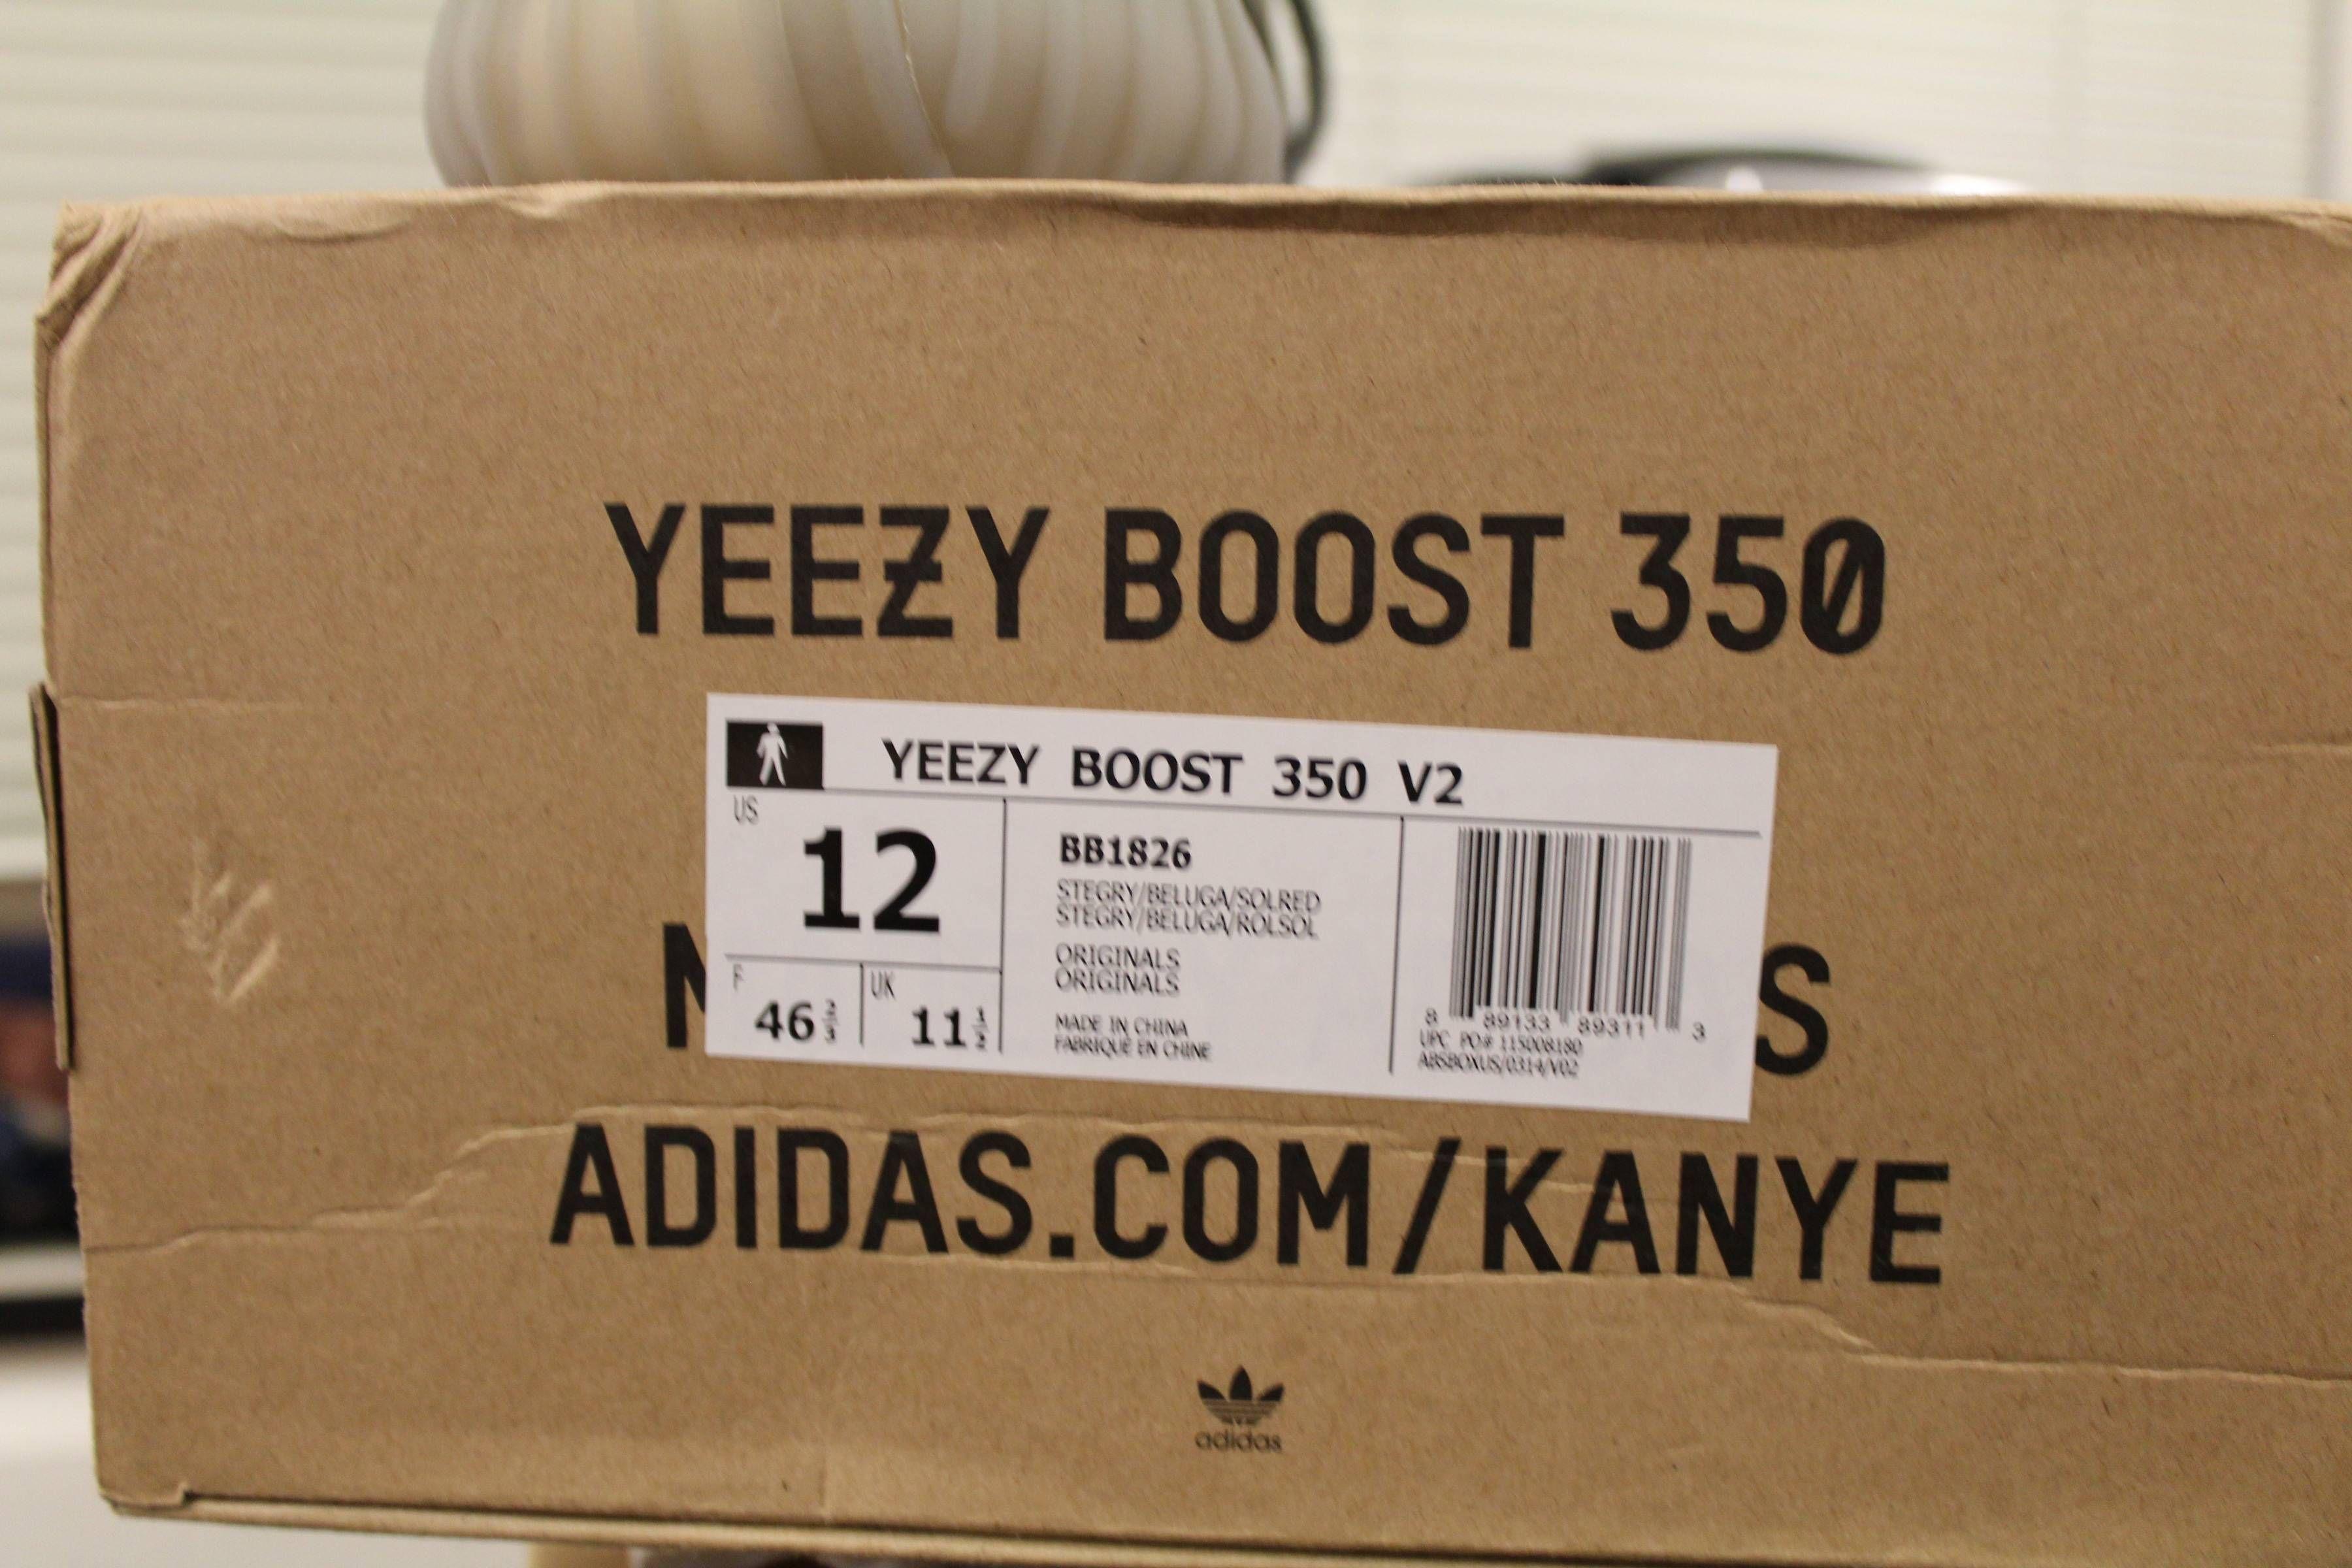 kanye west yeezy boost 350 size 12 adidas jacket medium